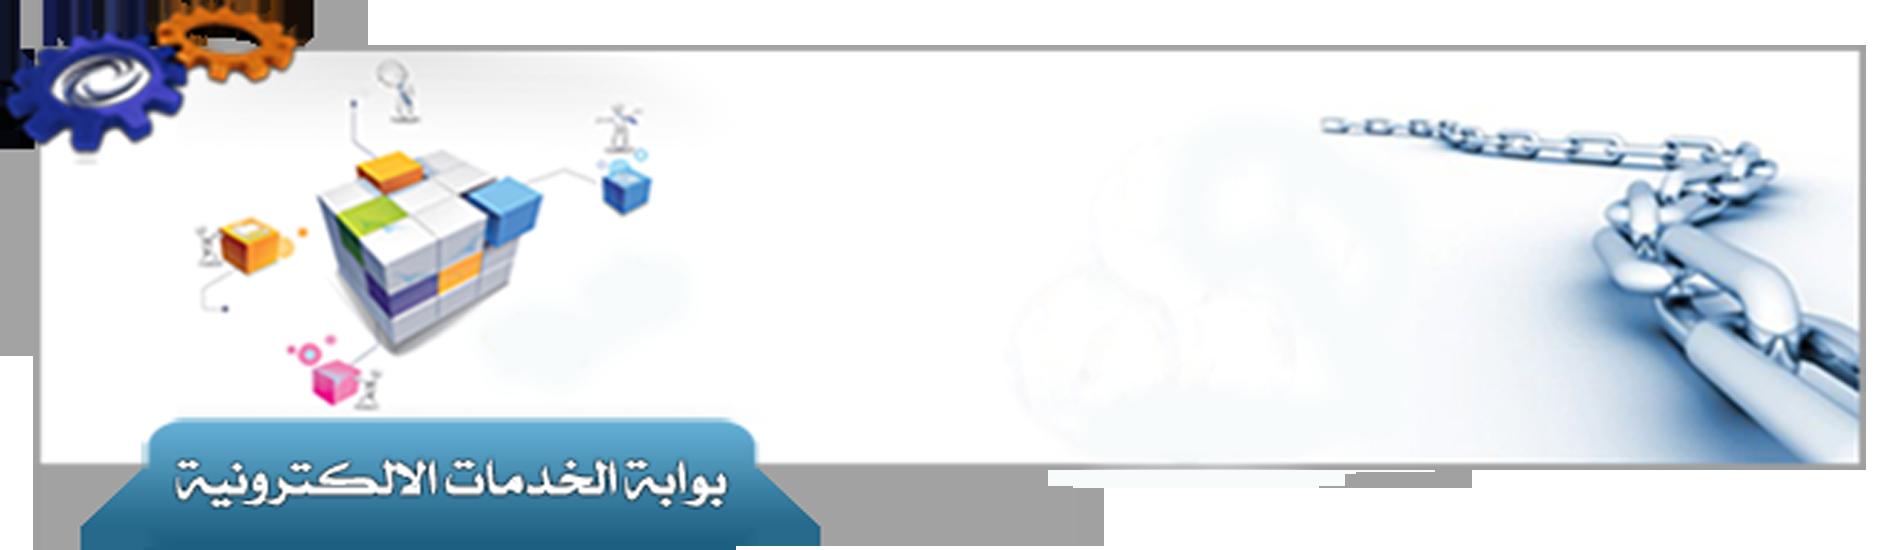 بوابة الخدمات الالكترونية - بوابة تساعدك على سرعة وسهولة...